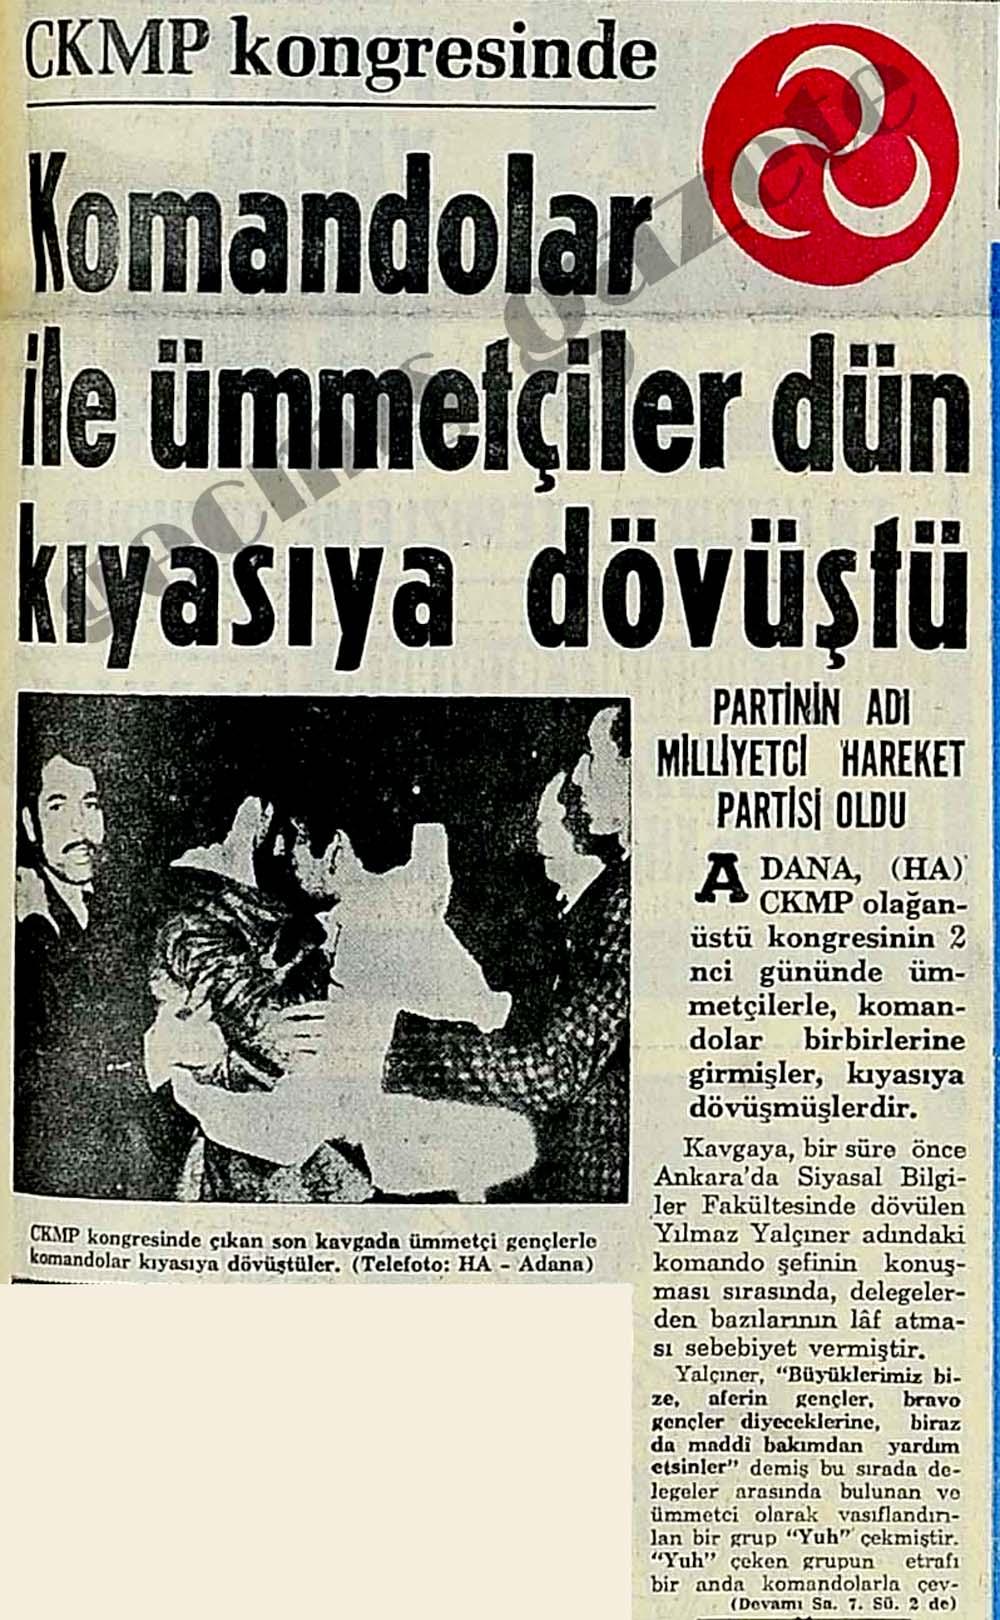 CKMP kongresinde Komandolar ile ümmetçiler dün kıyasıya dövüştü